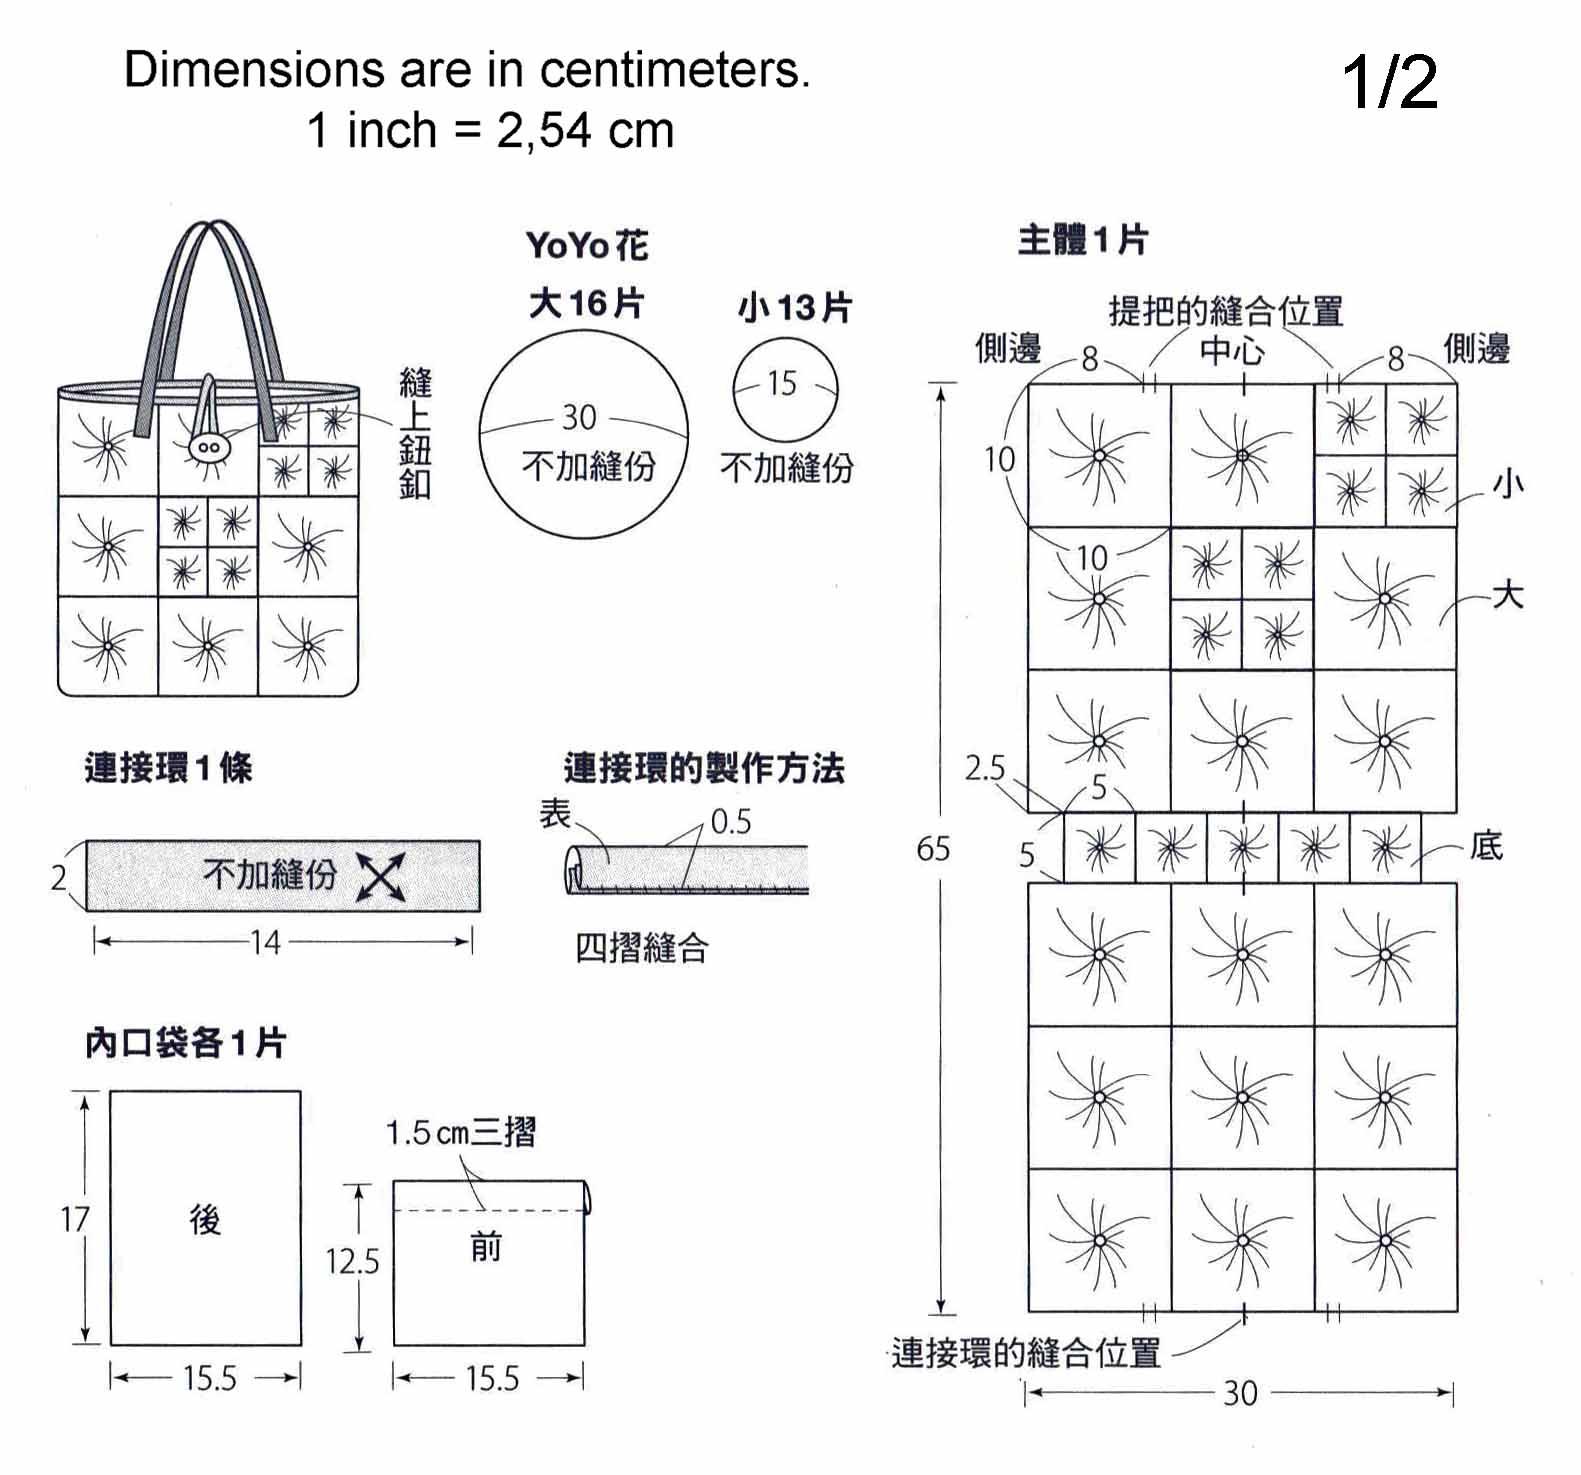 собрать кубик рубика - схема сборки